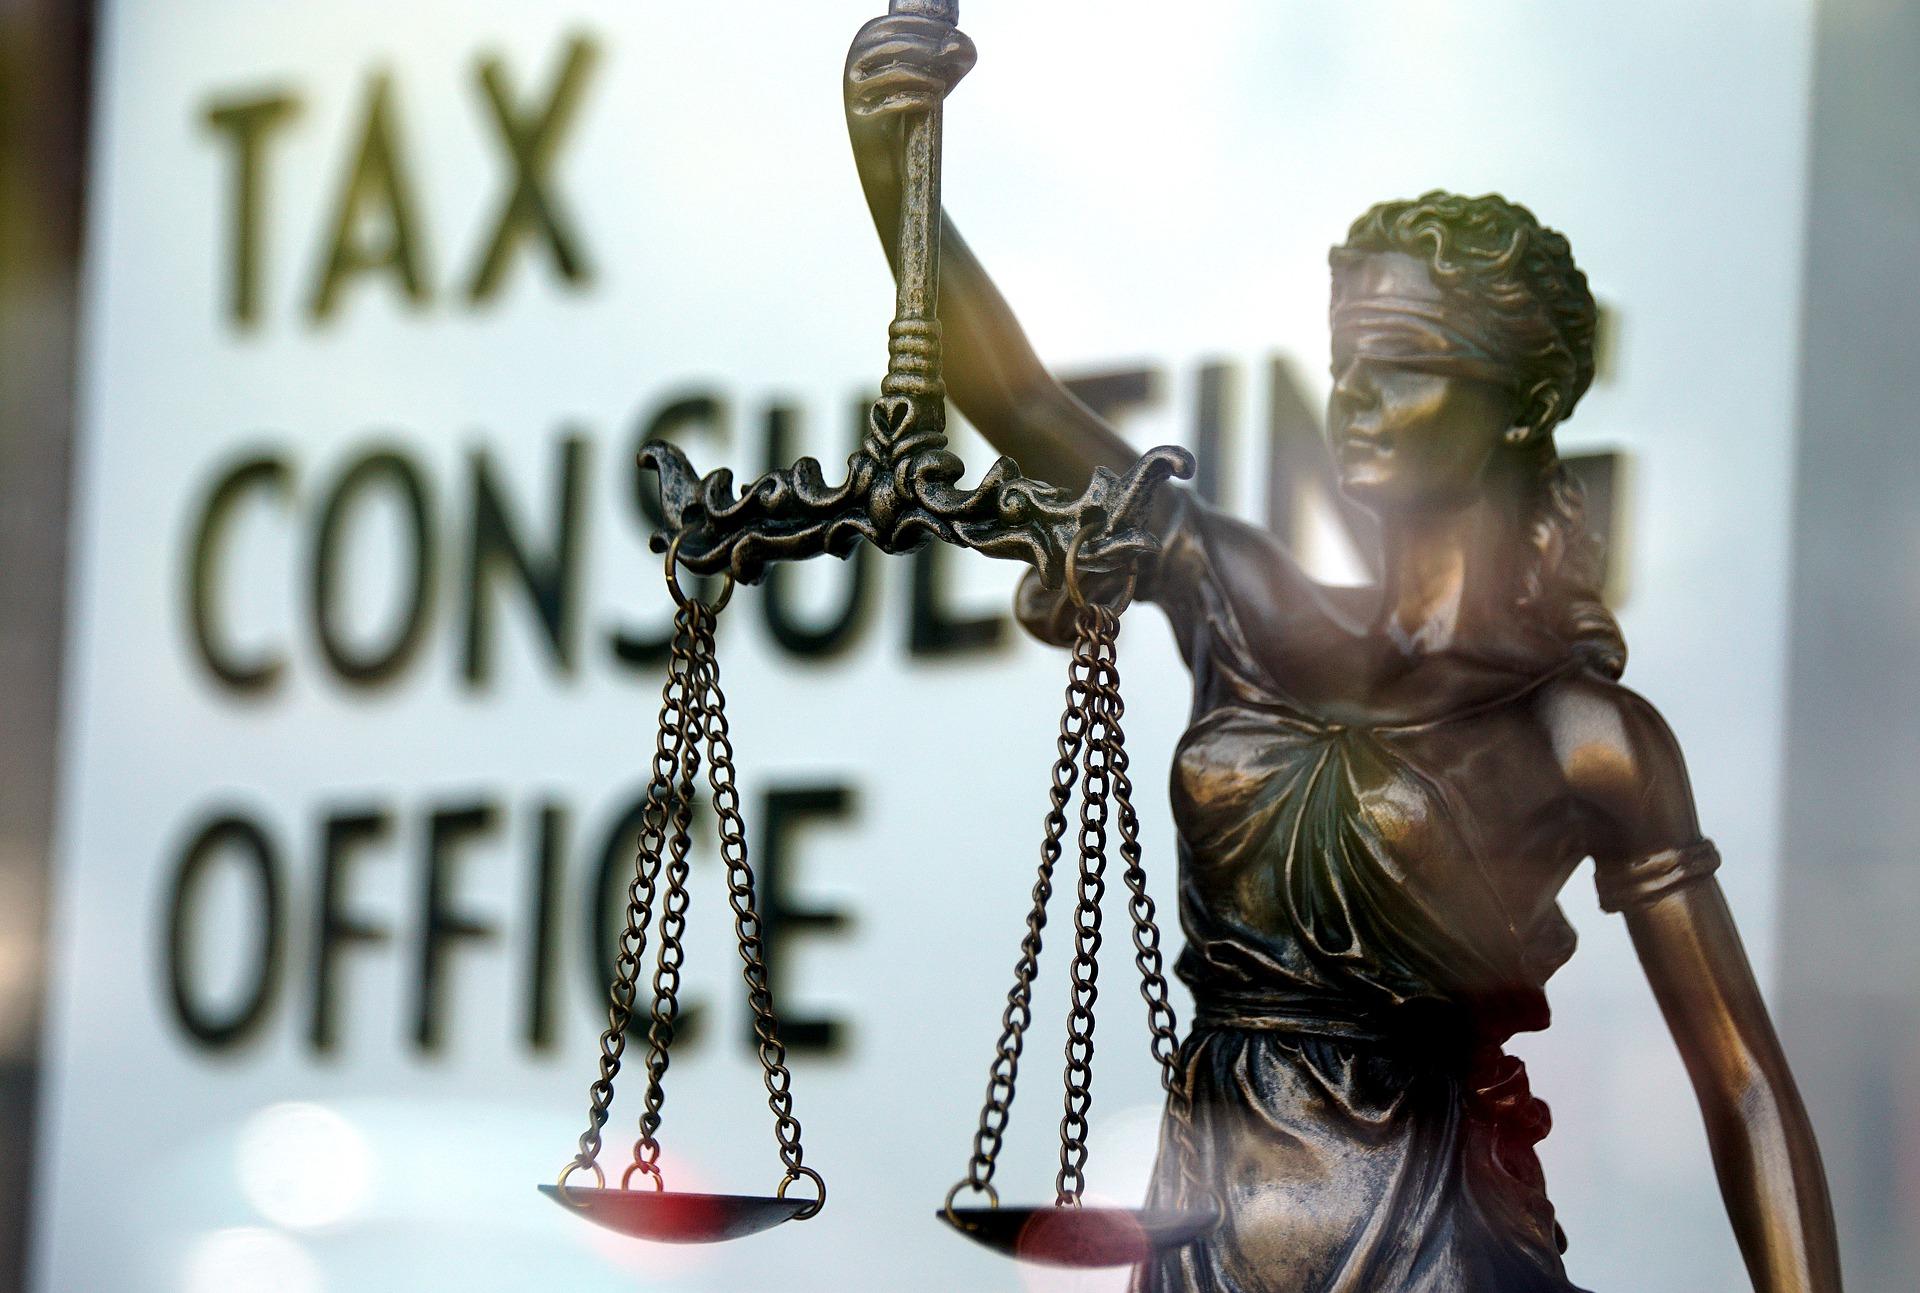 Dirigeants : votre audition en matière de travail illégal doit recueillir votre consentement